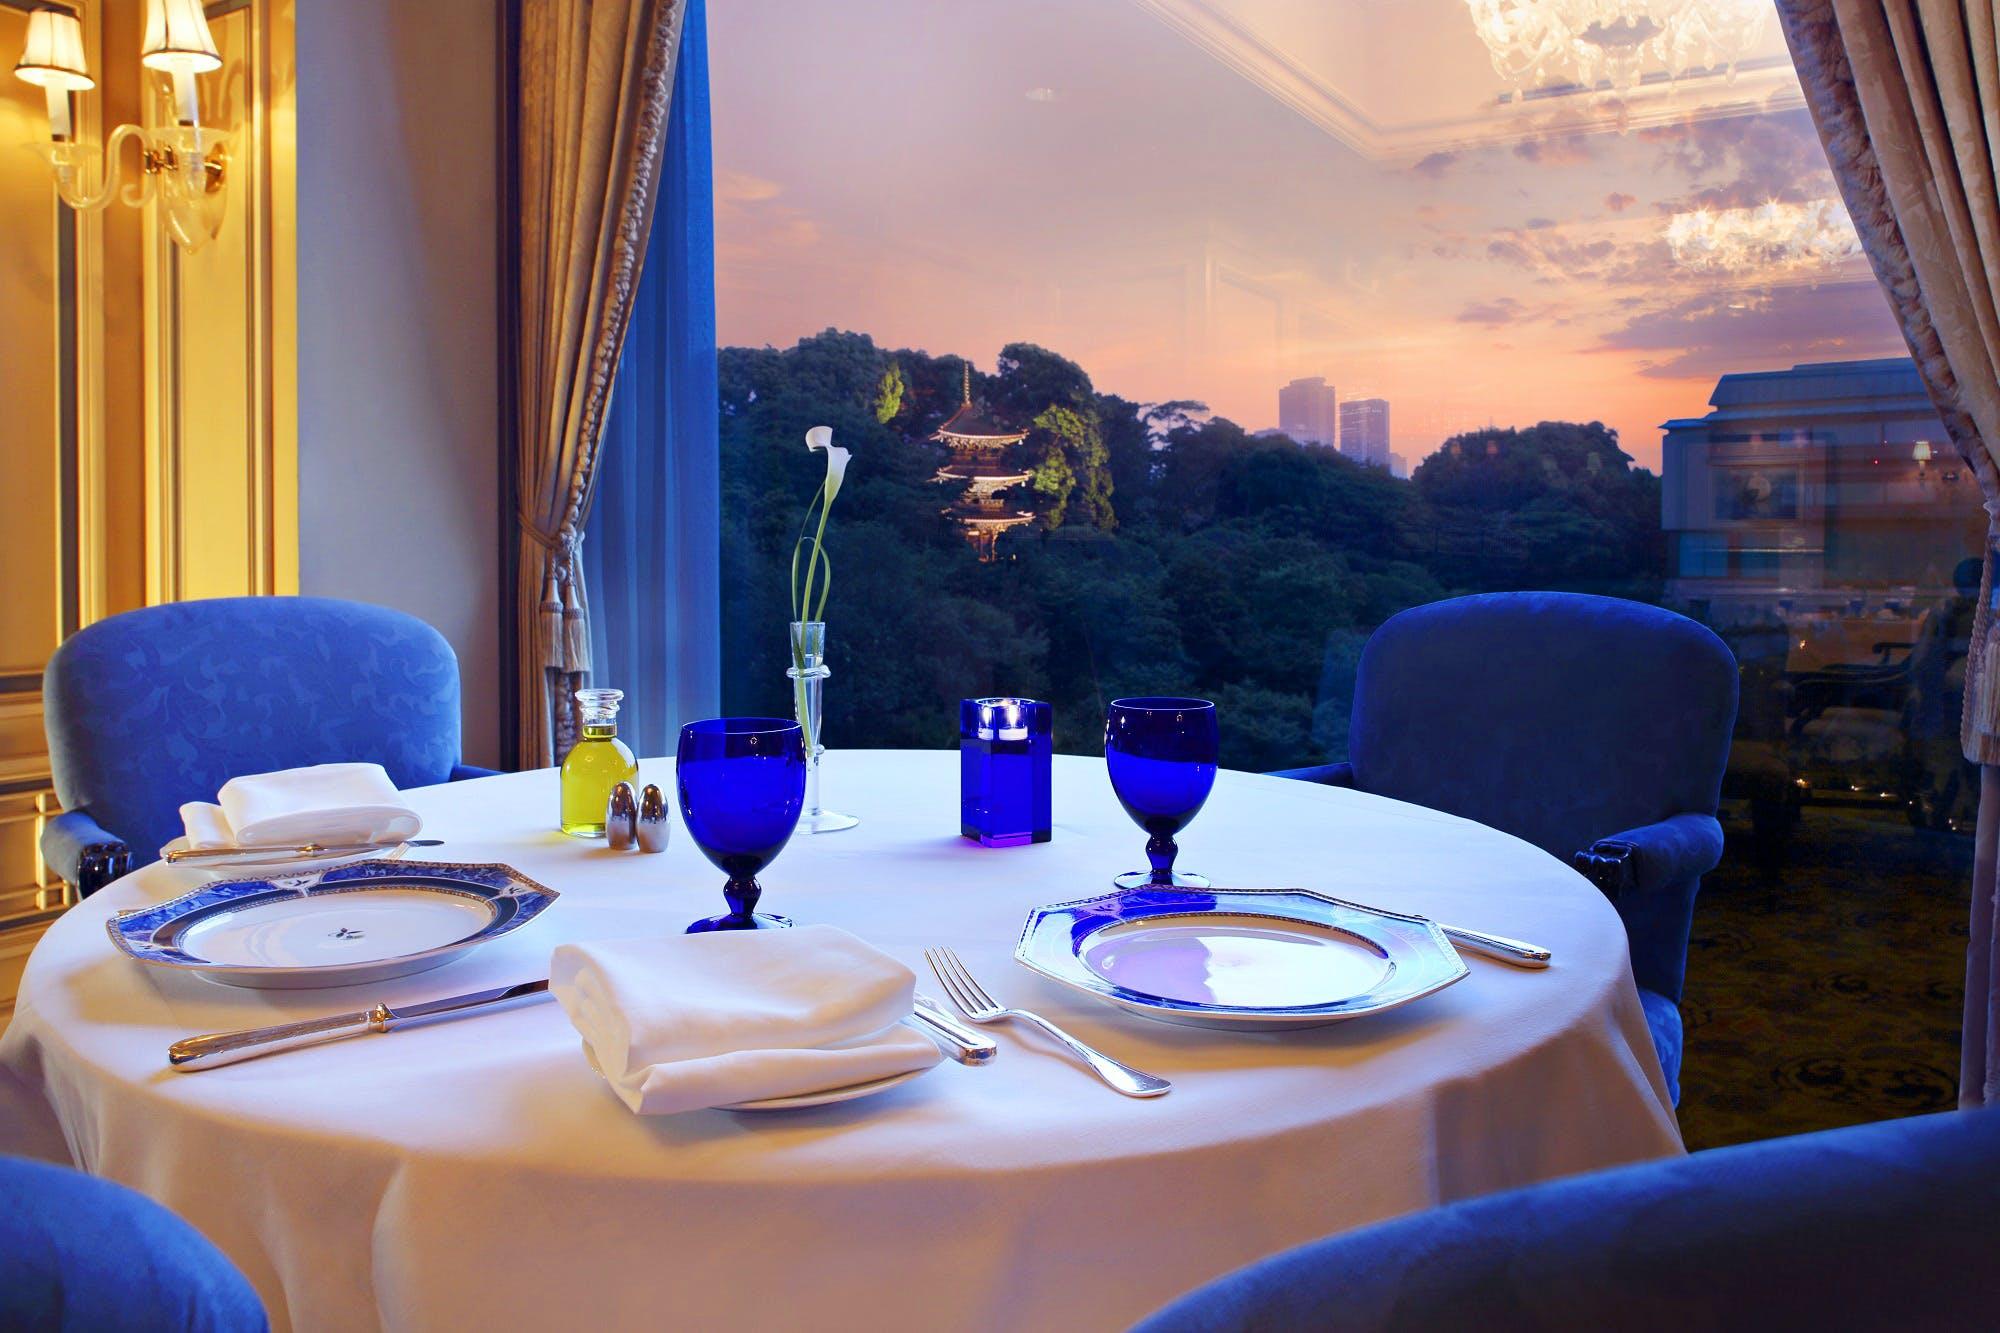 イタリア料理 イル・テアトロ/ホテル椿山荘東京